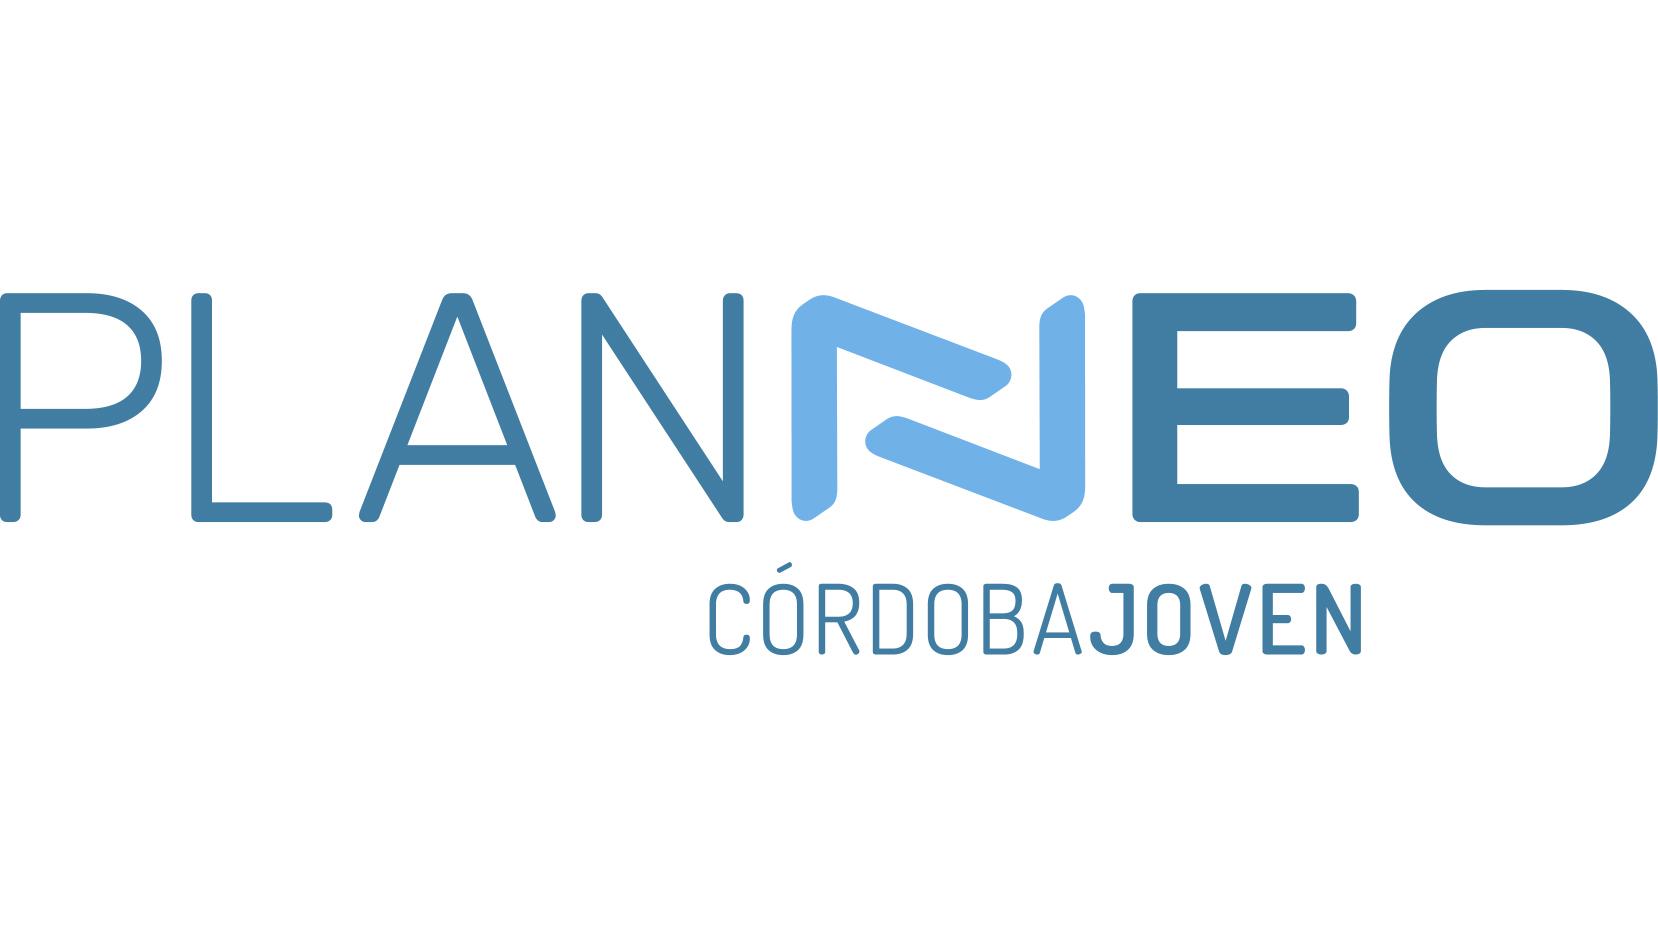 Fundecor firma con el Ayuntamiento de Córdoba un convenio de colaboración para apoyar actividades de ámbito internacional dirigidas a jóvenes cordobeses